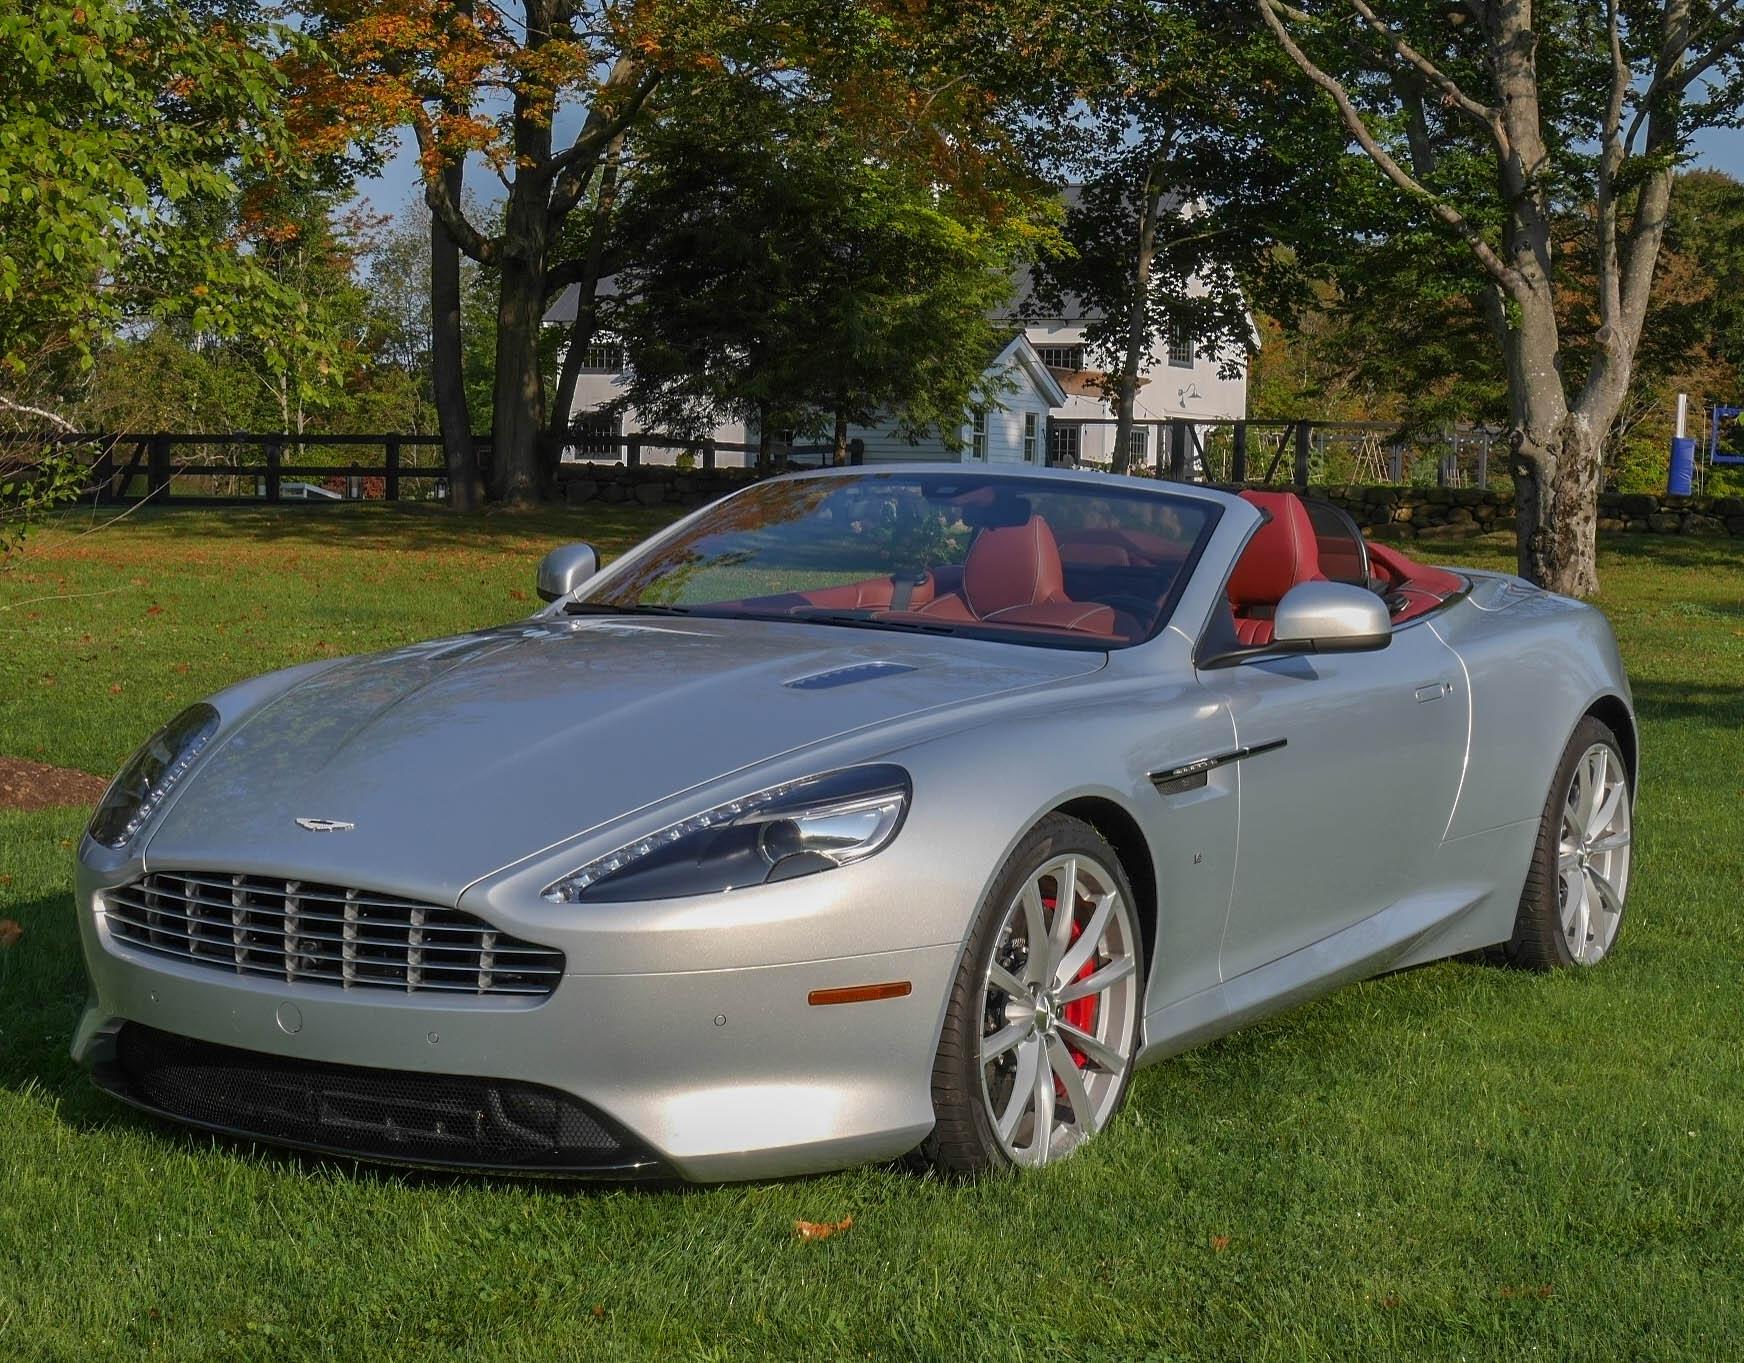 Aston Martin - Litchfield, CT